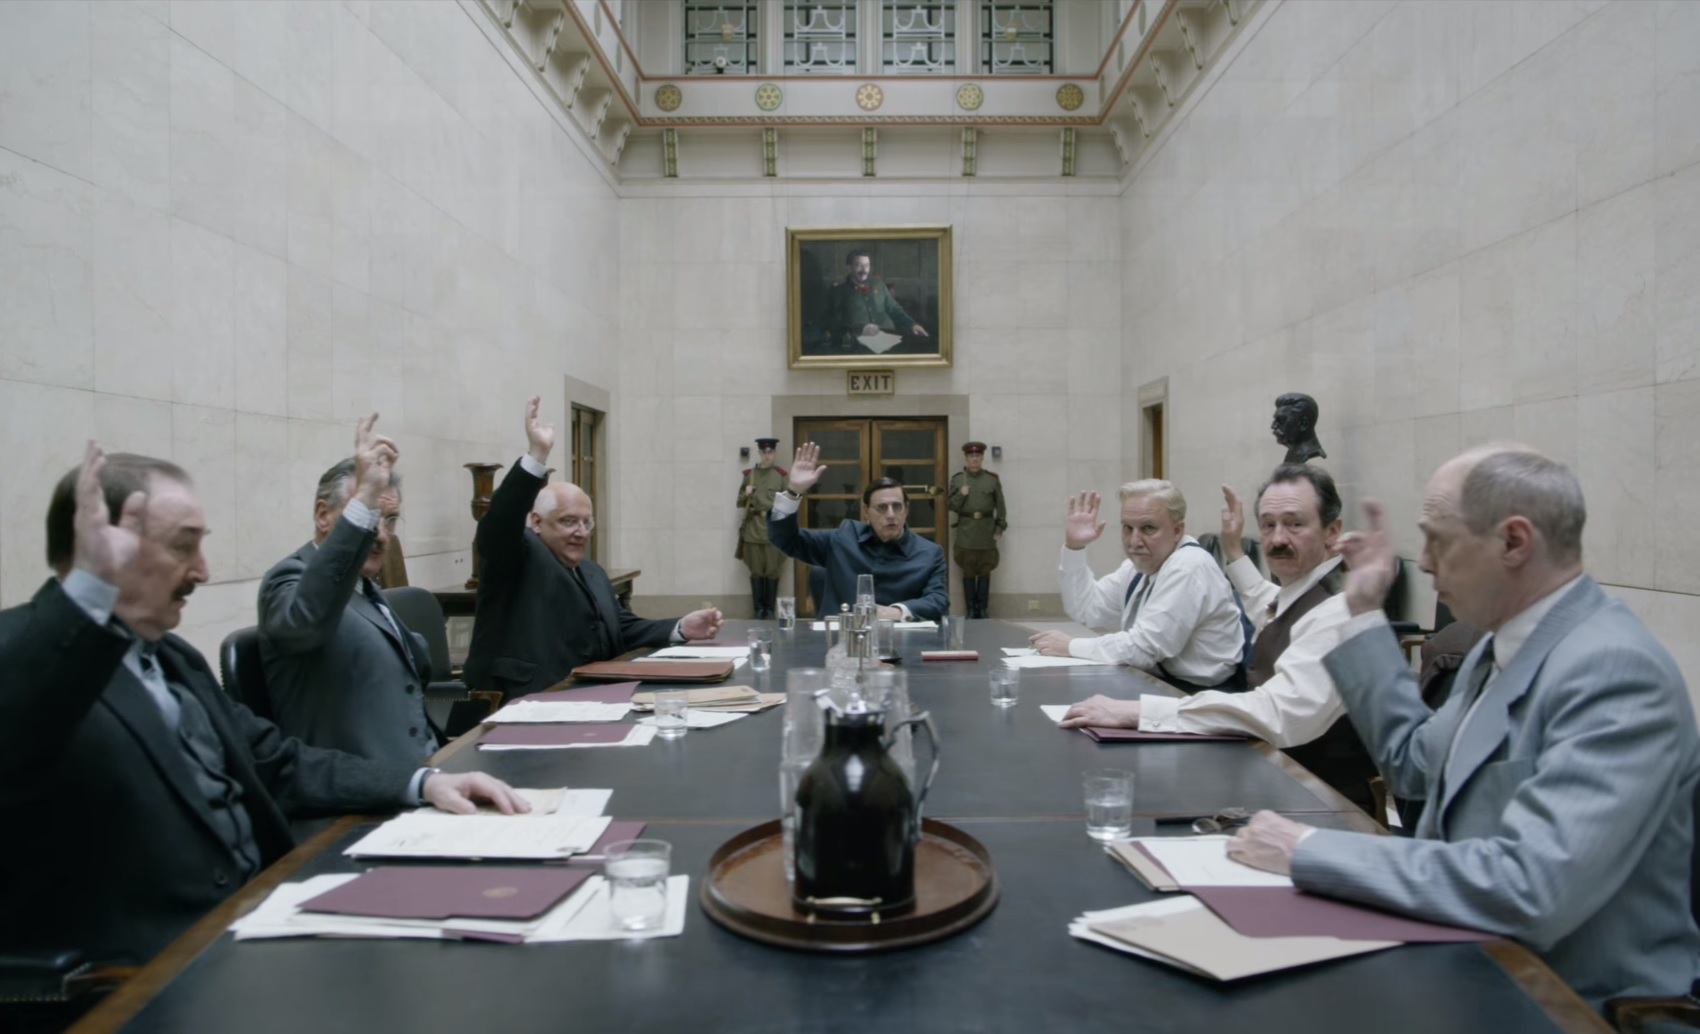 Lecsaptak az orosz cenzorok egy moszkvai mozira amiért levetítették a Sztálin halálát, aztán gyorsan megbírságolták őket egy Depardieu-filmért is